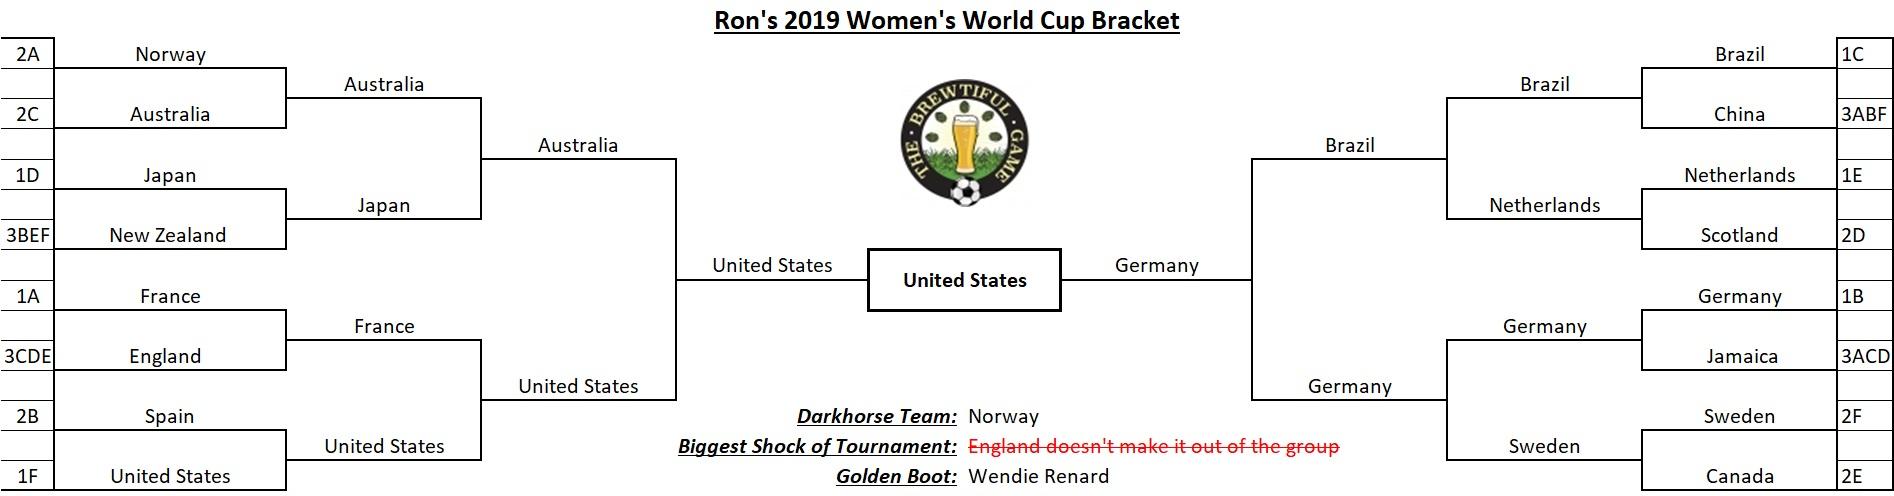 Ron's 2019 WWC Bracket.jpg